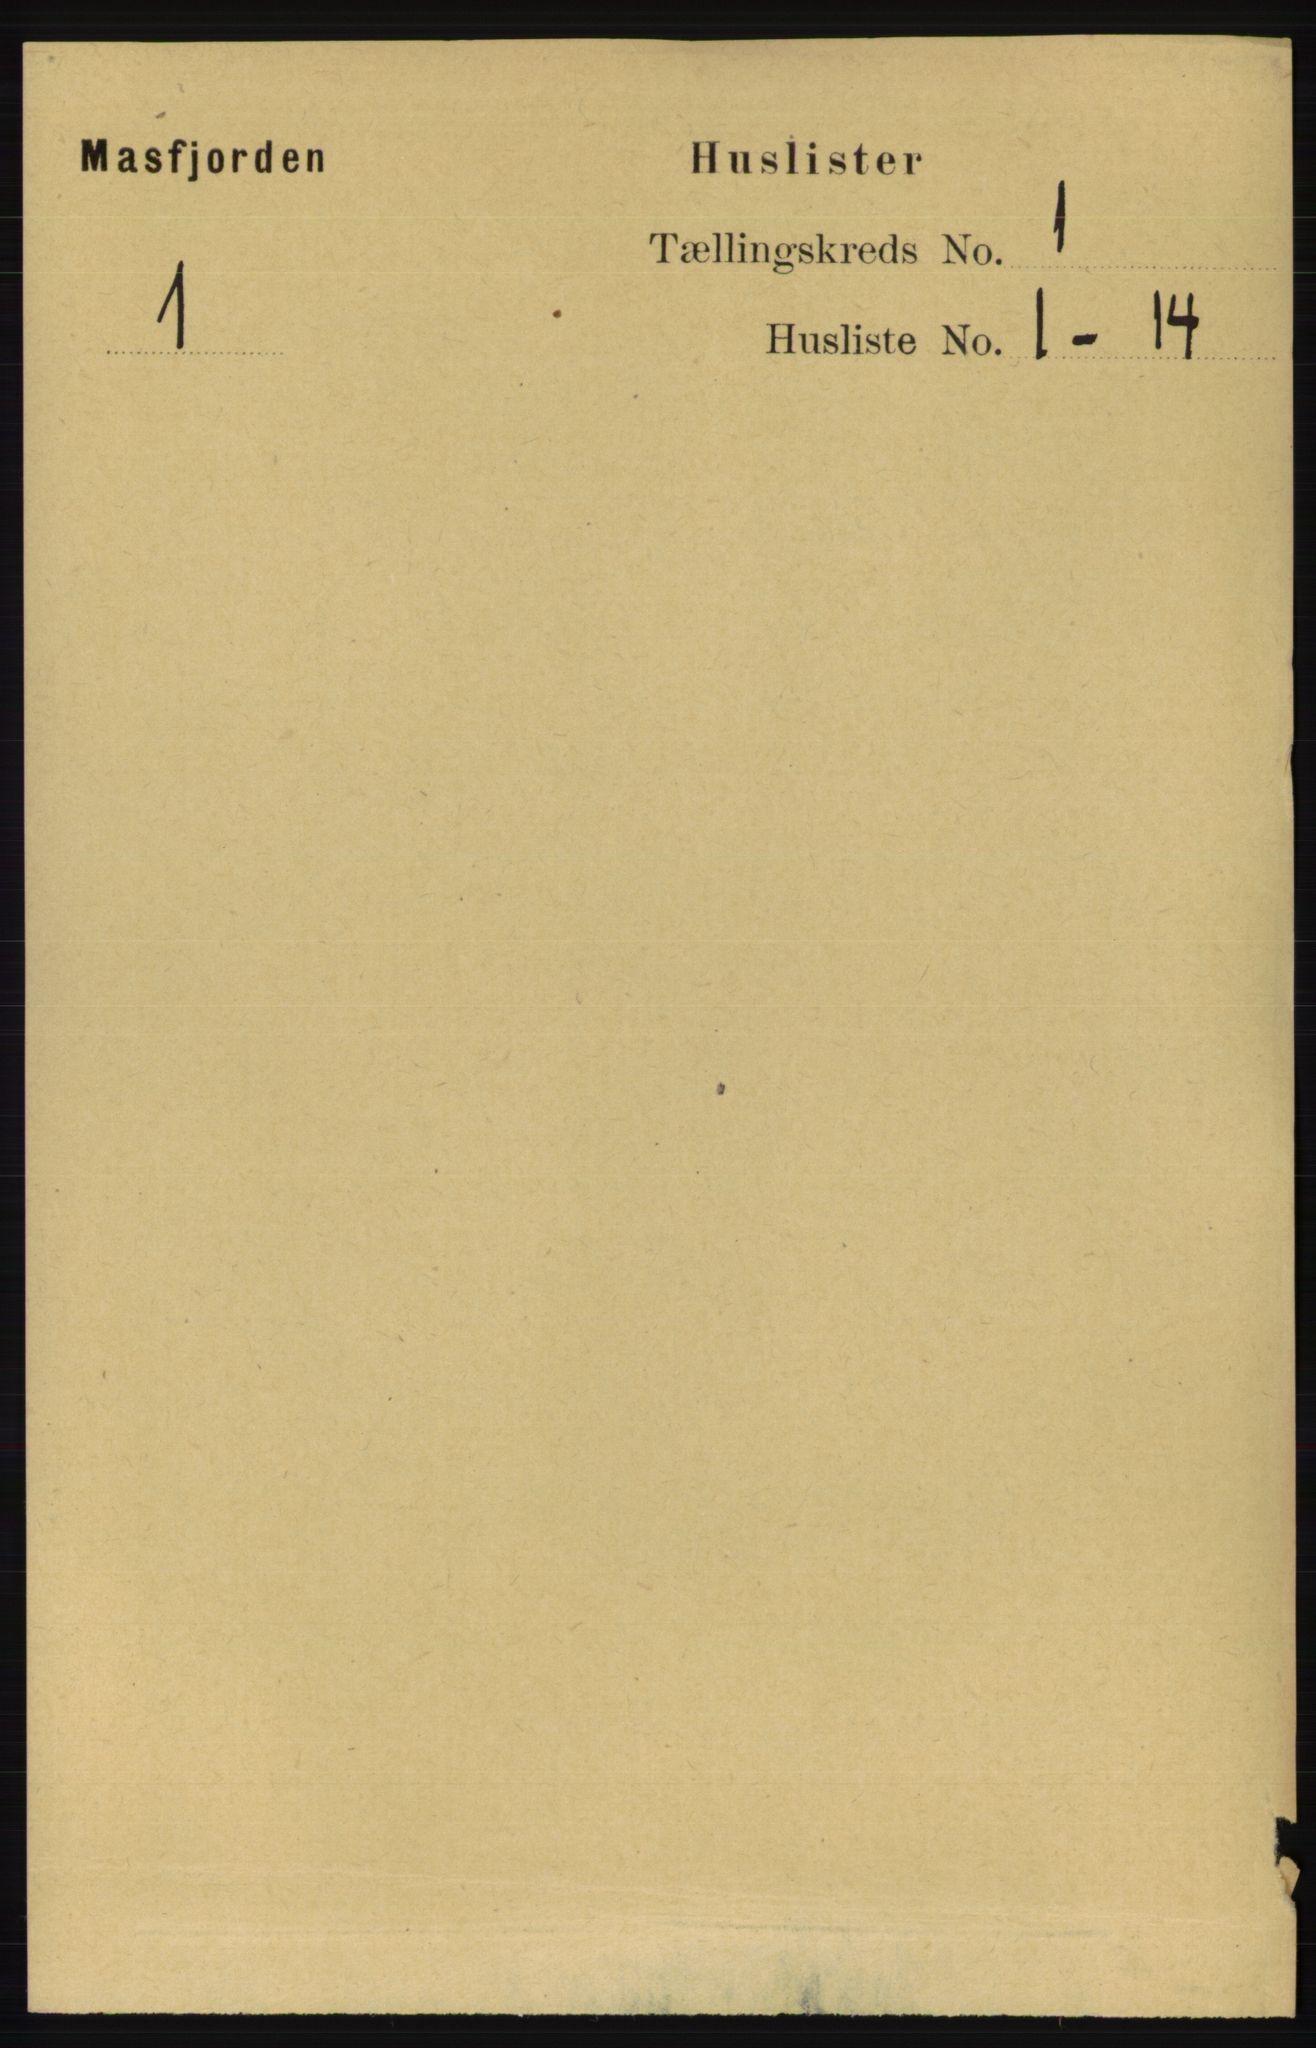 RA, Folketelling 1891 for 1266 Masfjorden herred, 1891, s. 33